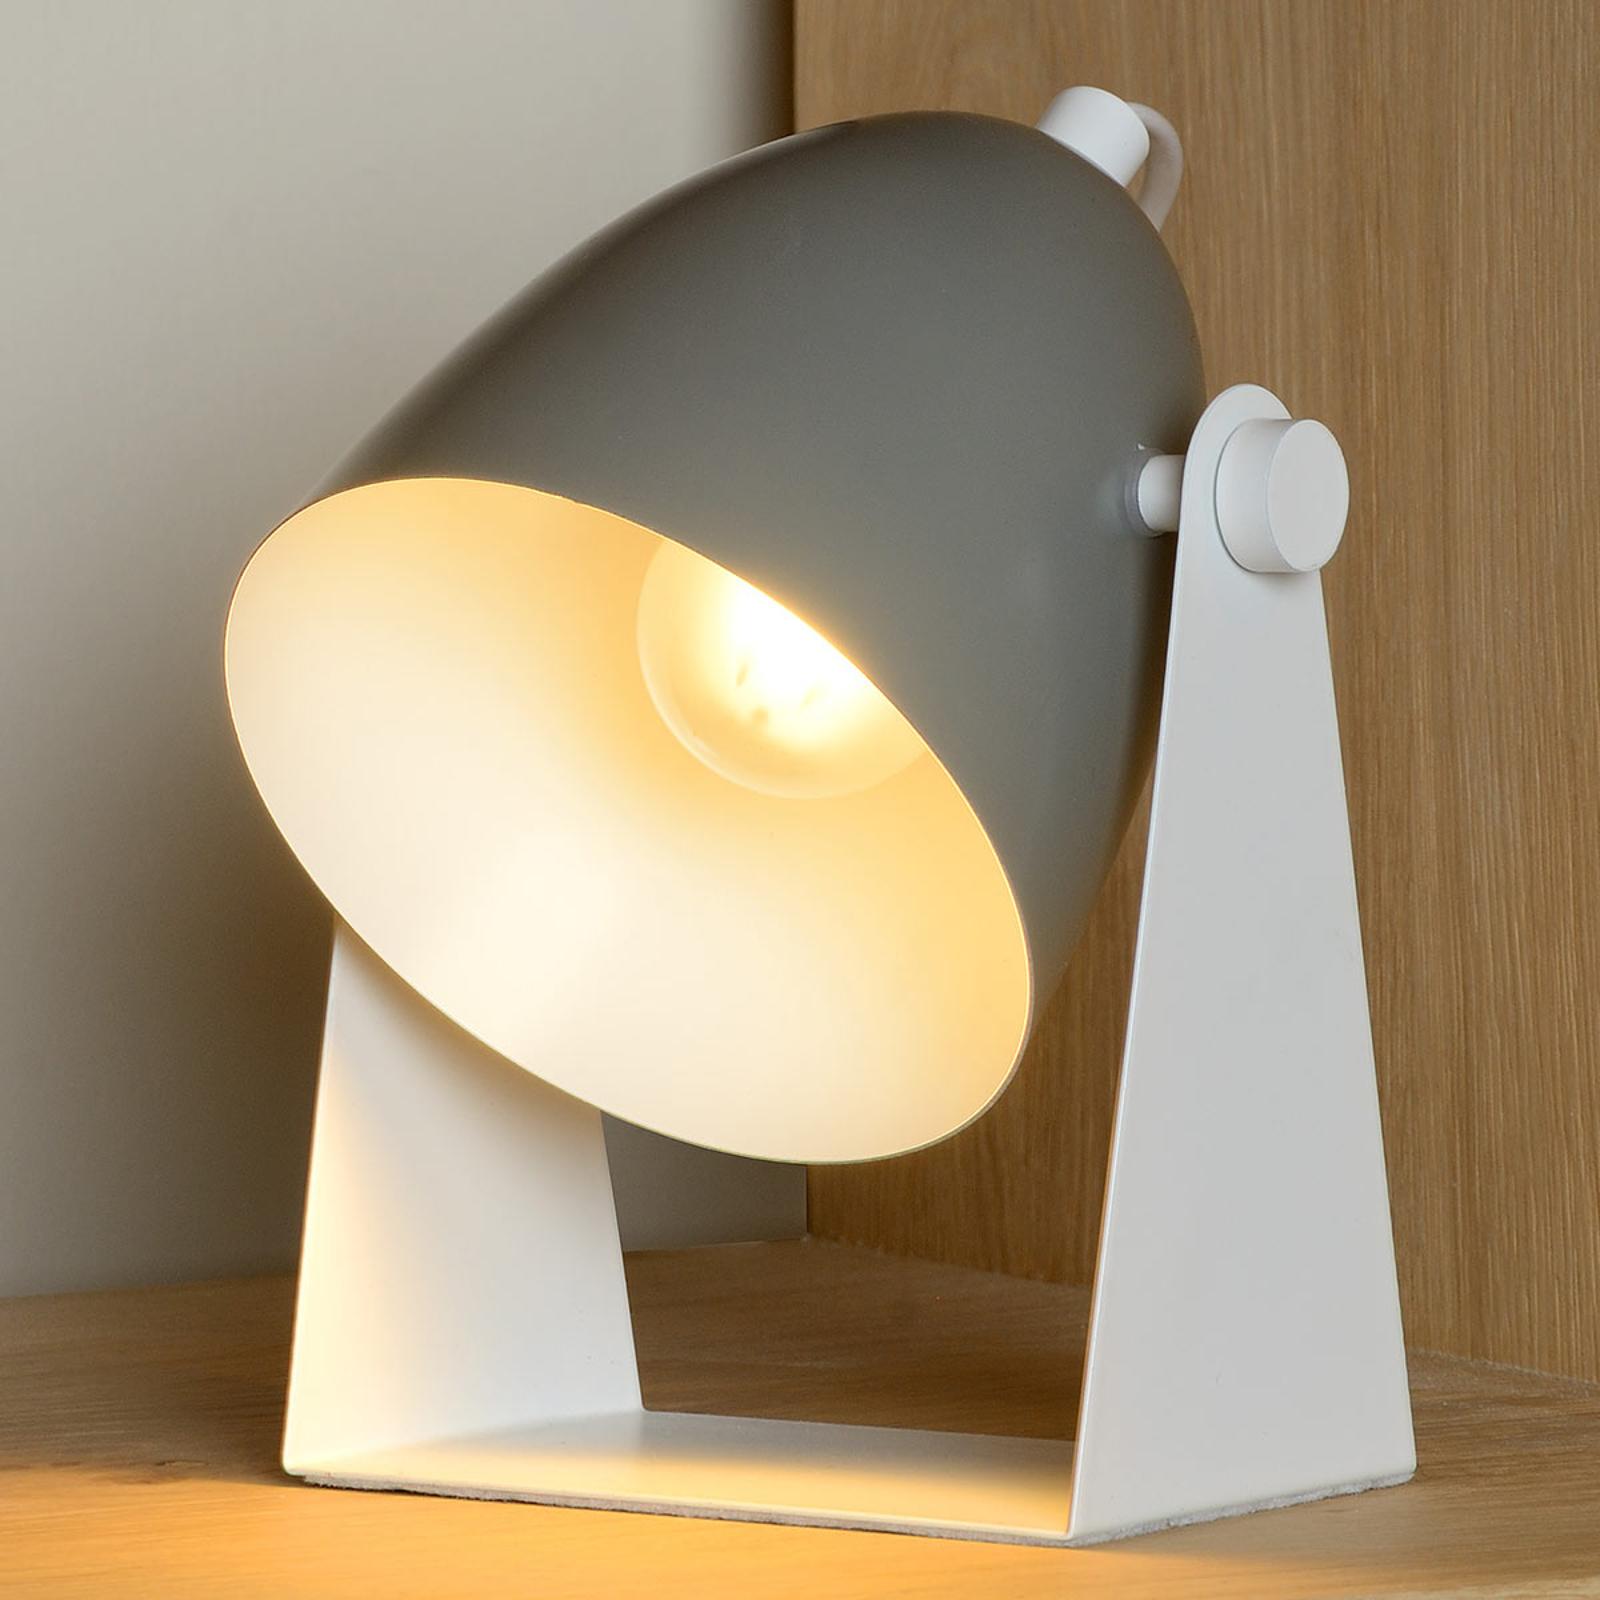 Lampa stołowa Chago z metalu, szara